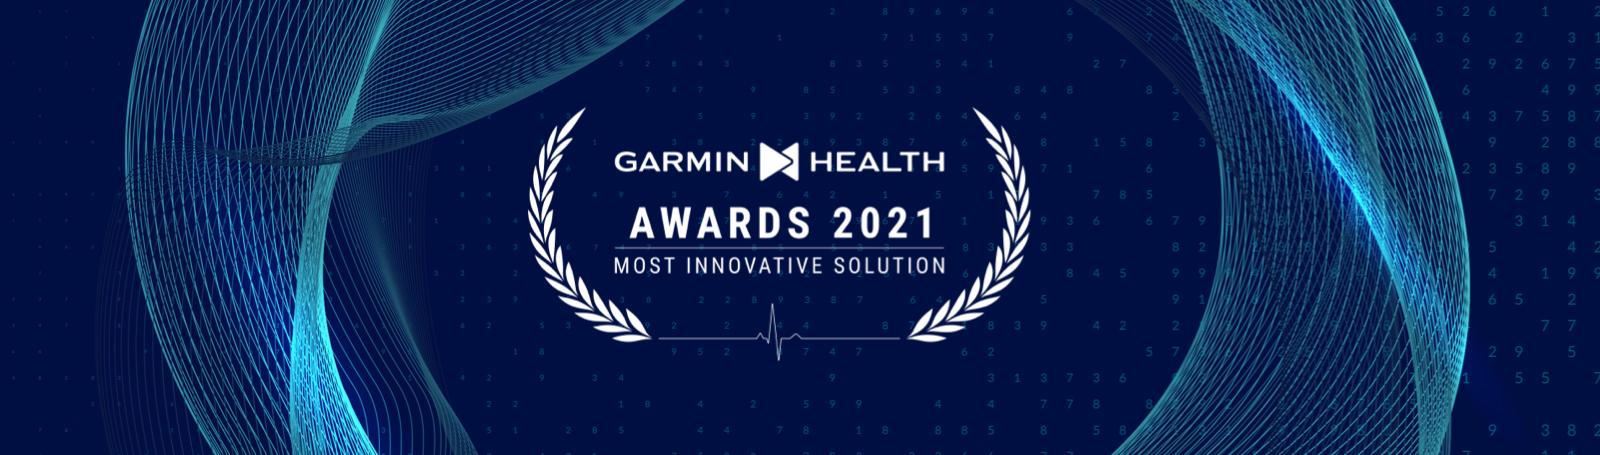 Garmin Health Awards - Most Innovative Solutions 2021